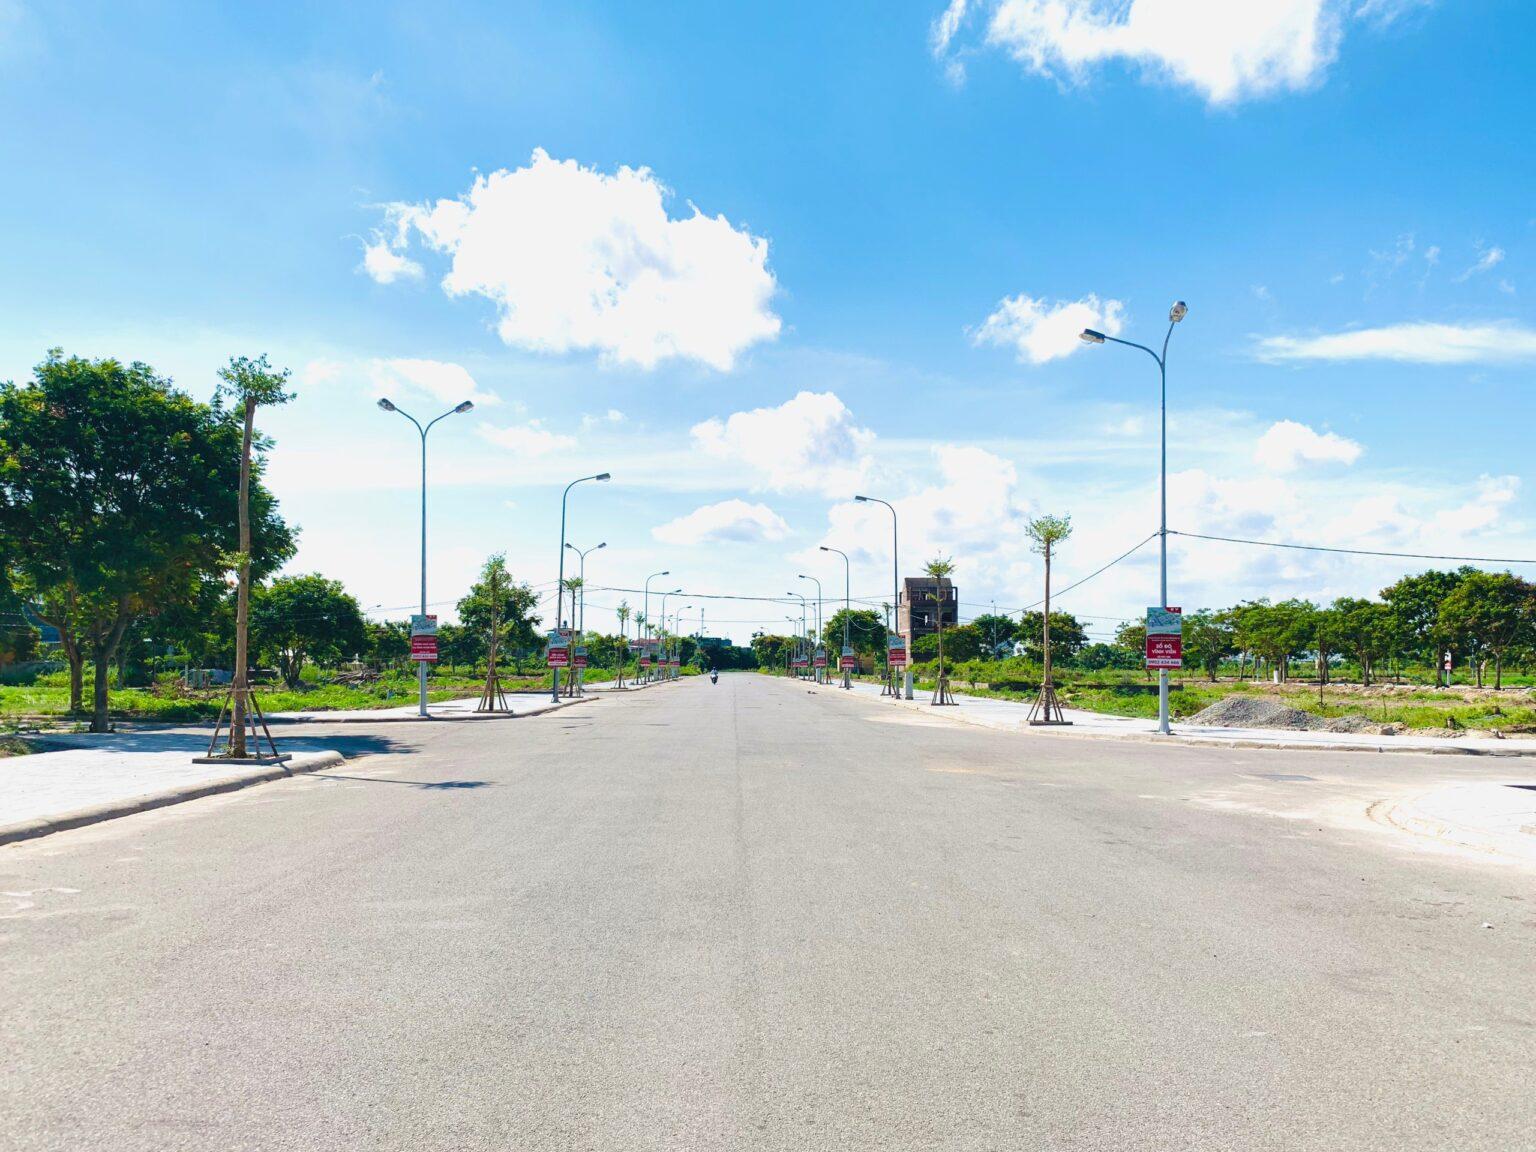 Hình ảnh thực tế tại dự án Dương Kinh New City